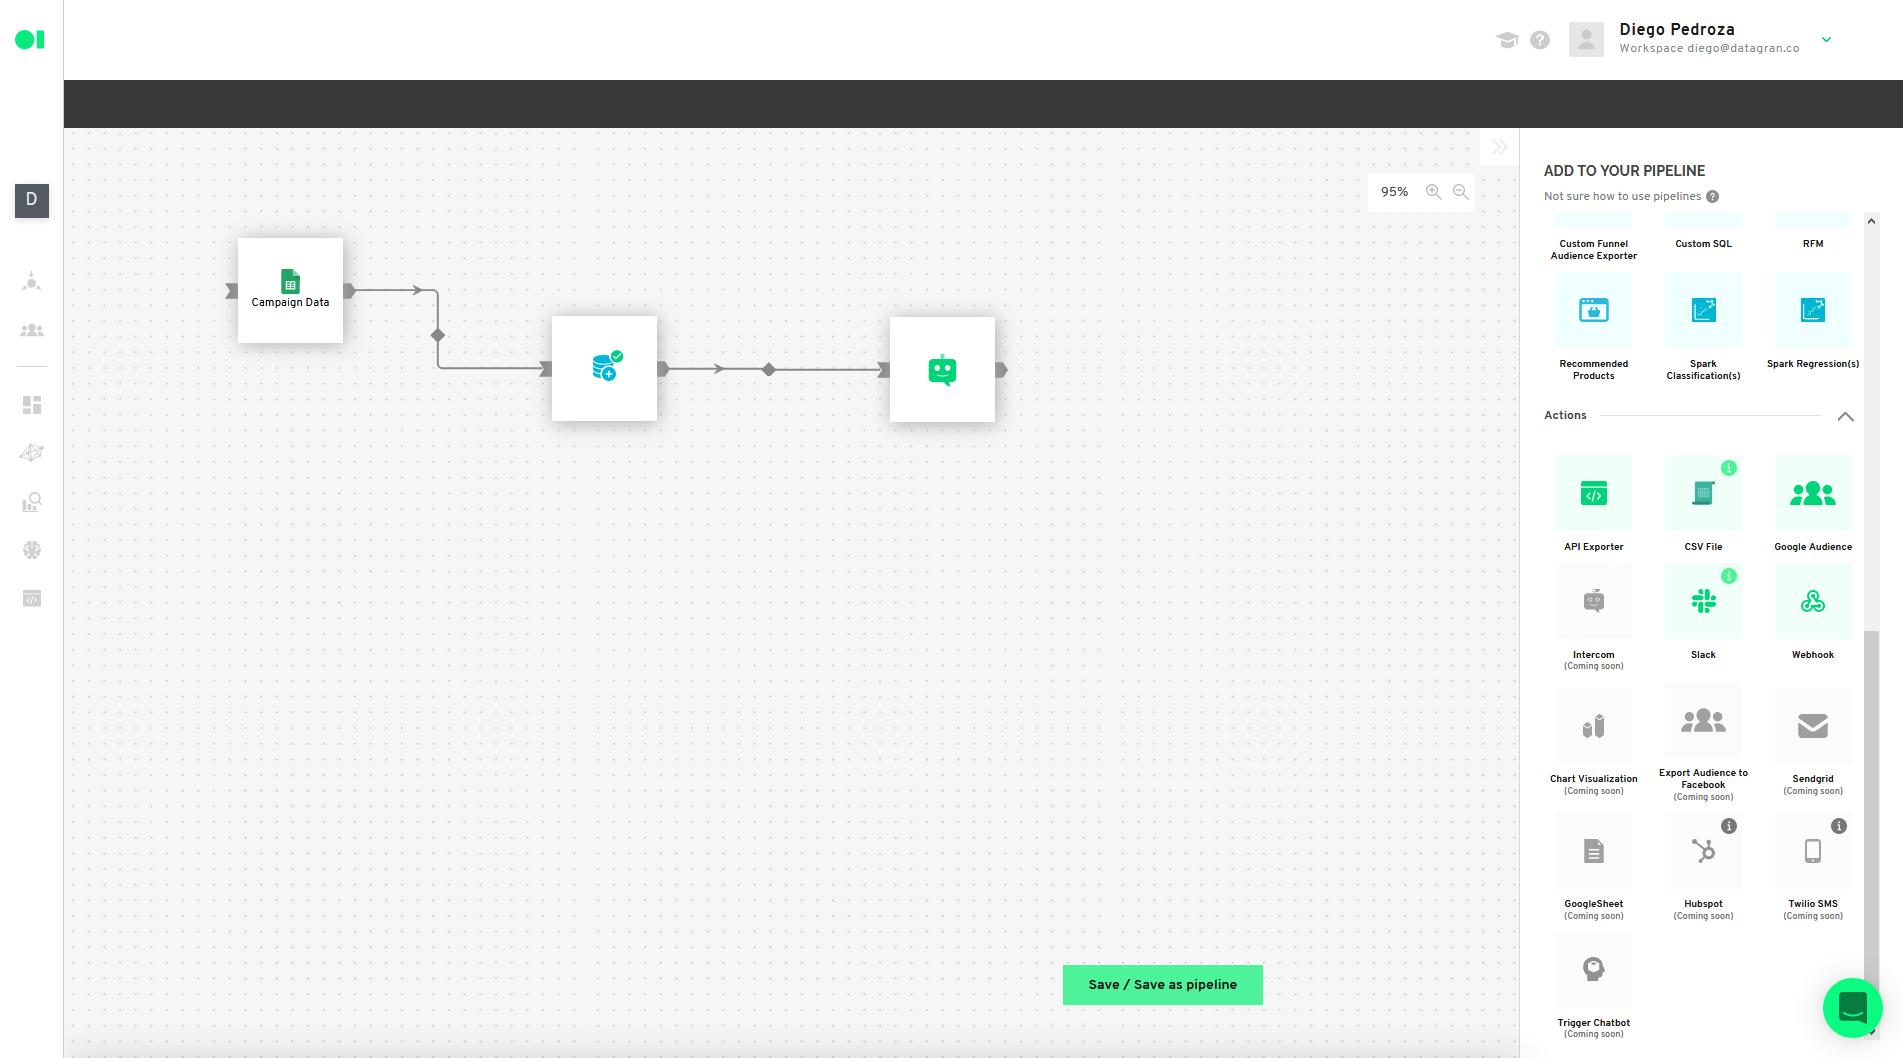 Datagran dashboard